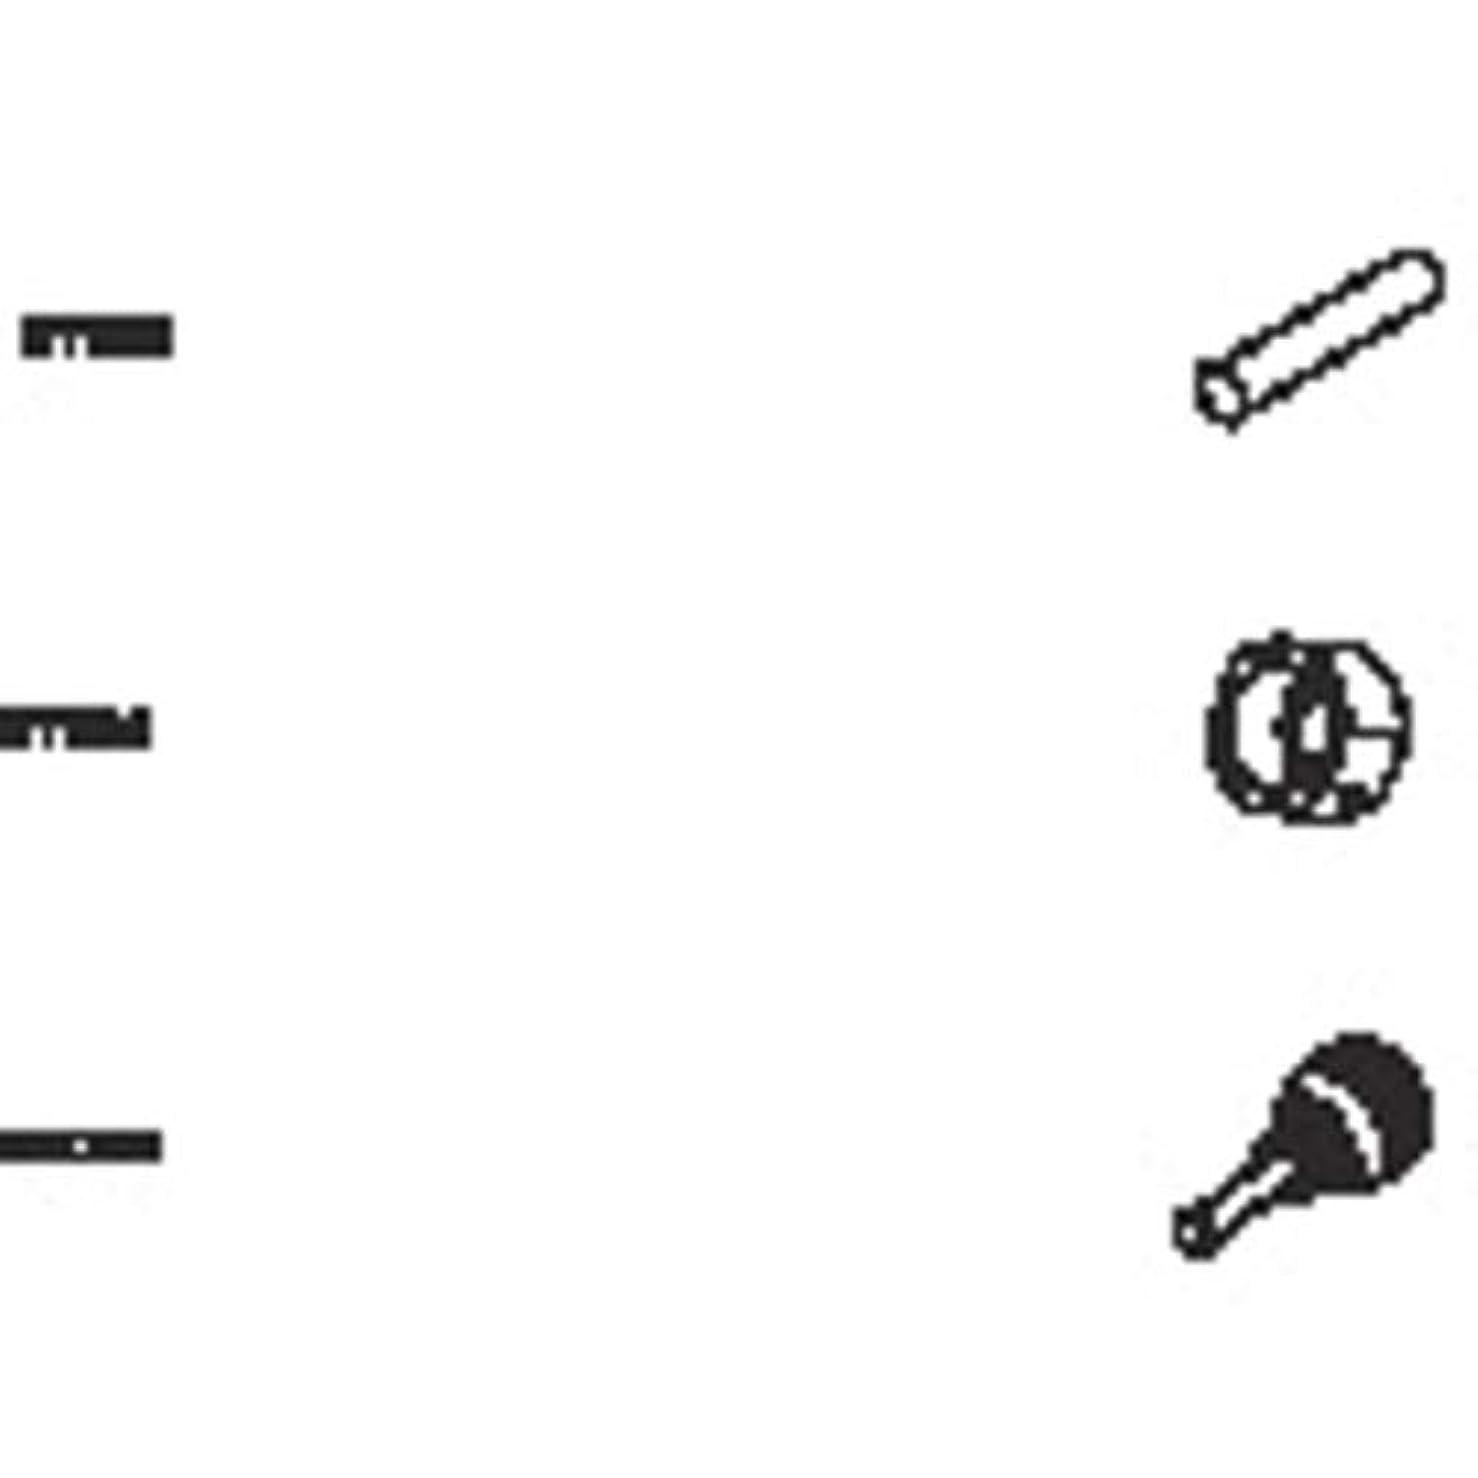 アラバマ事業内容雷雨白光/白光 保護パイプ【B1786】(3678750) [その他]